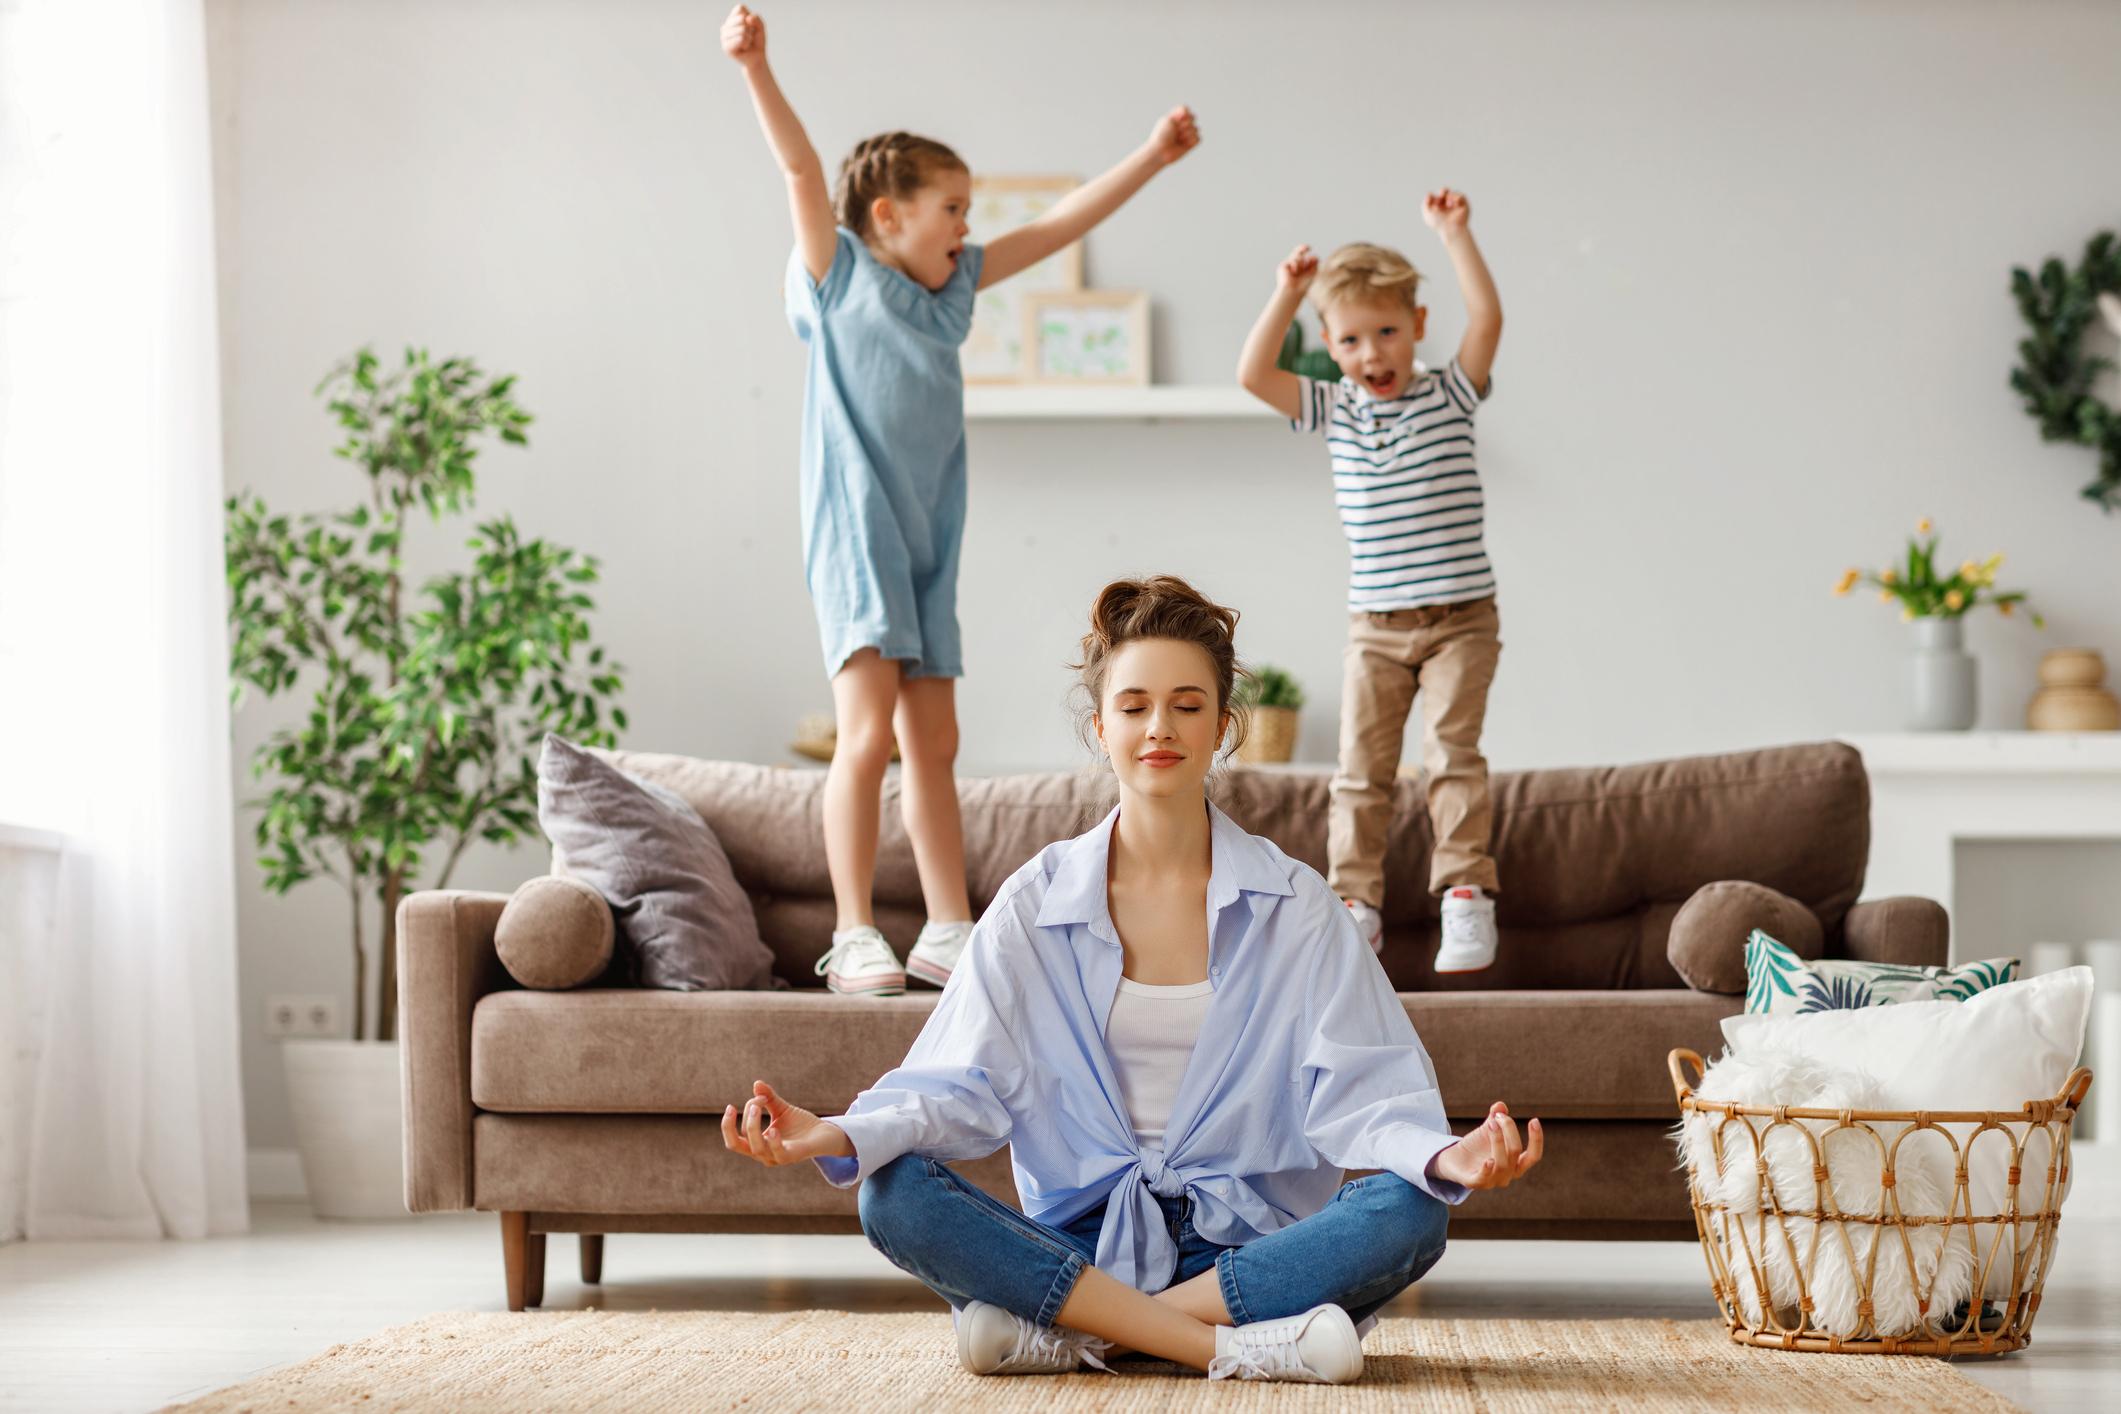 Mit diesen One-Minute-Auszeiten finden gestresste Mamis wieder zu neuer Energie